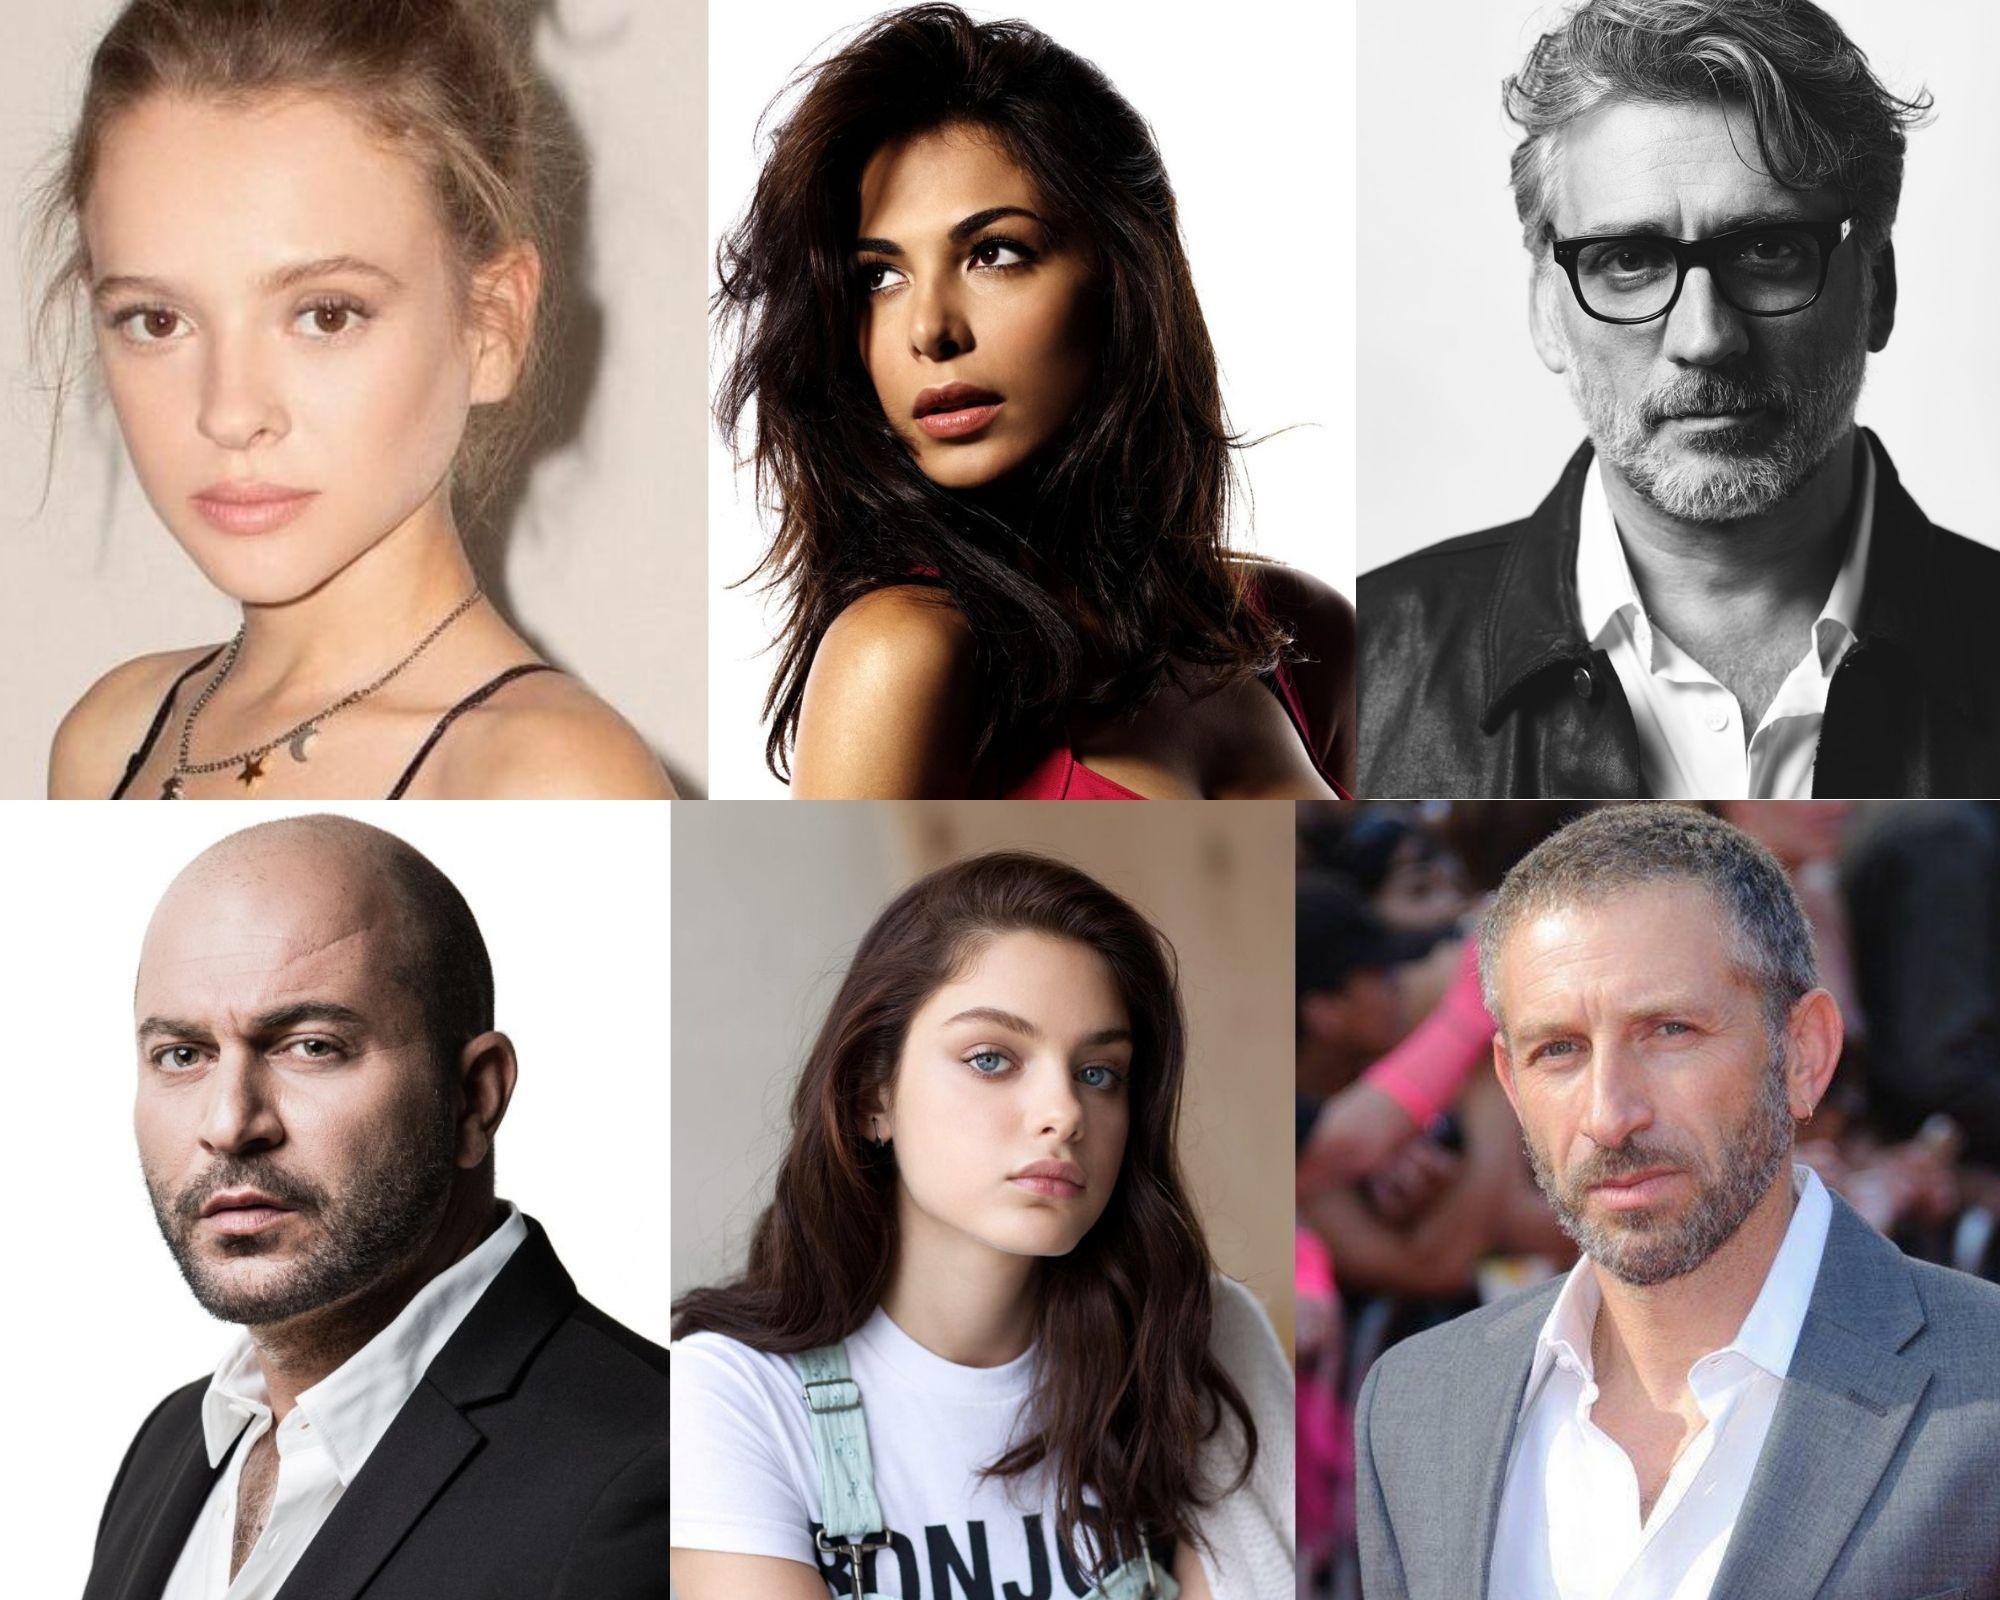 Hoy te traemos 9 actores y actrices israelíes que muy pronto despuntarán para convertirse en grandes estrellas en Hollywood.